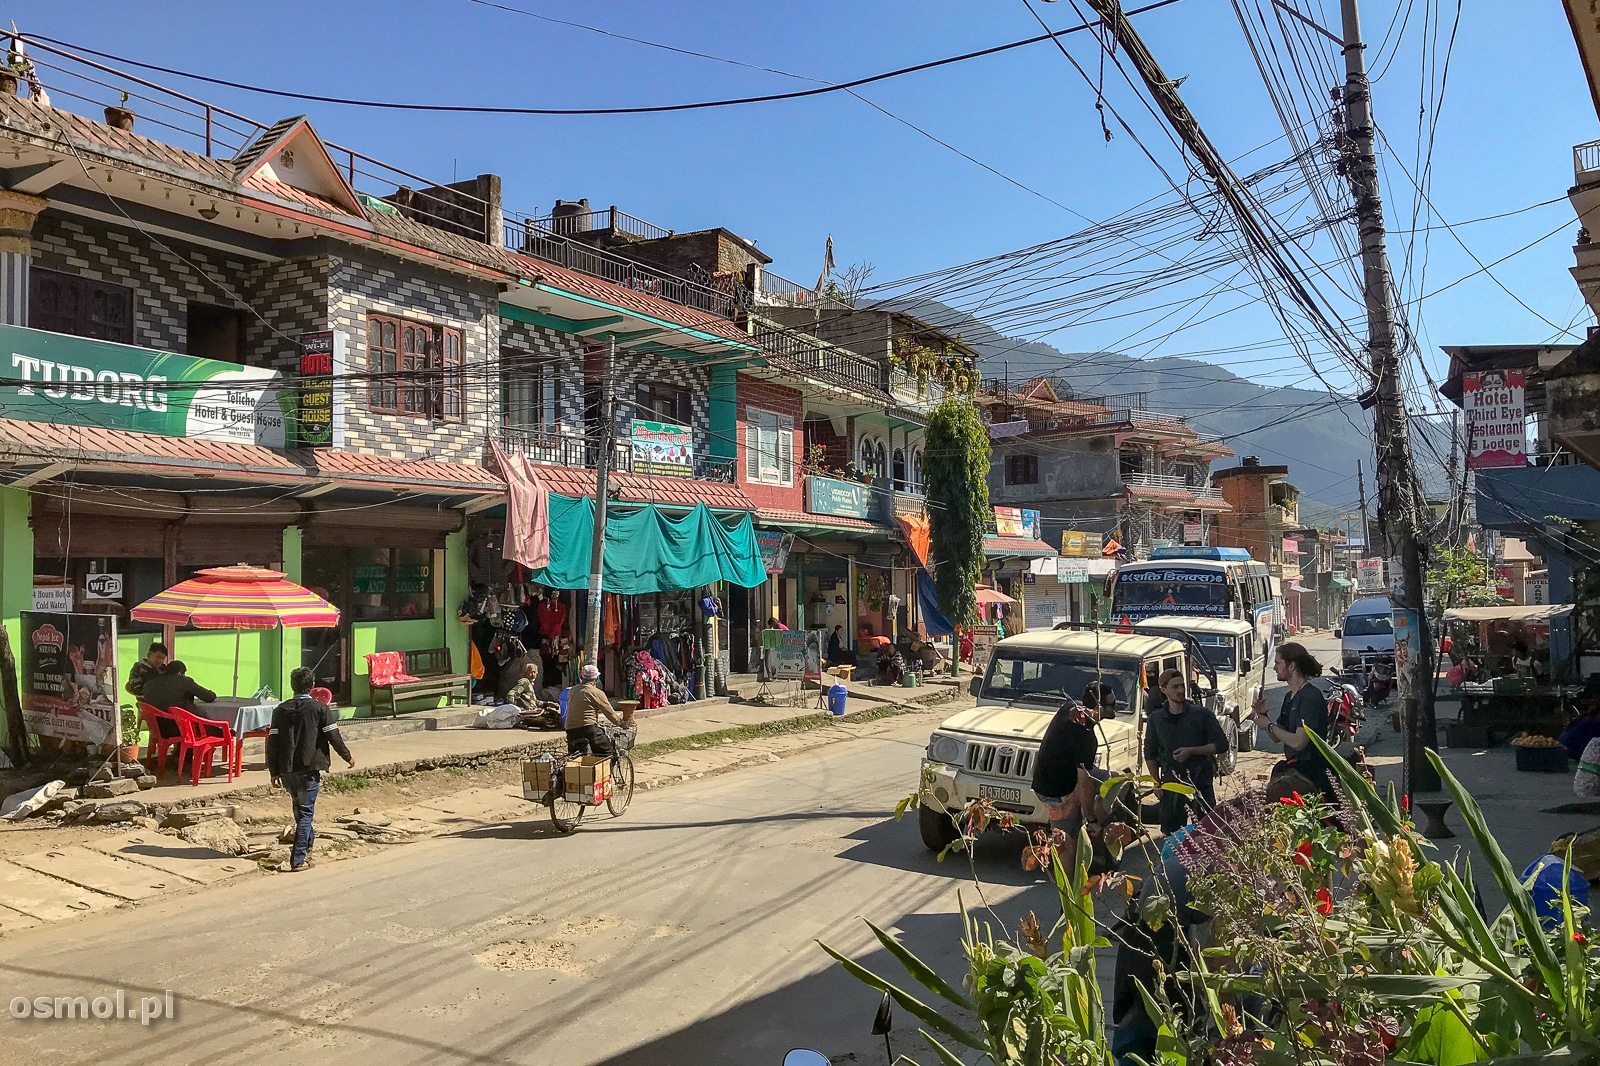 Besishahar. Dla wielu początek szlaku dookoła Annapurny.